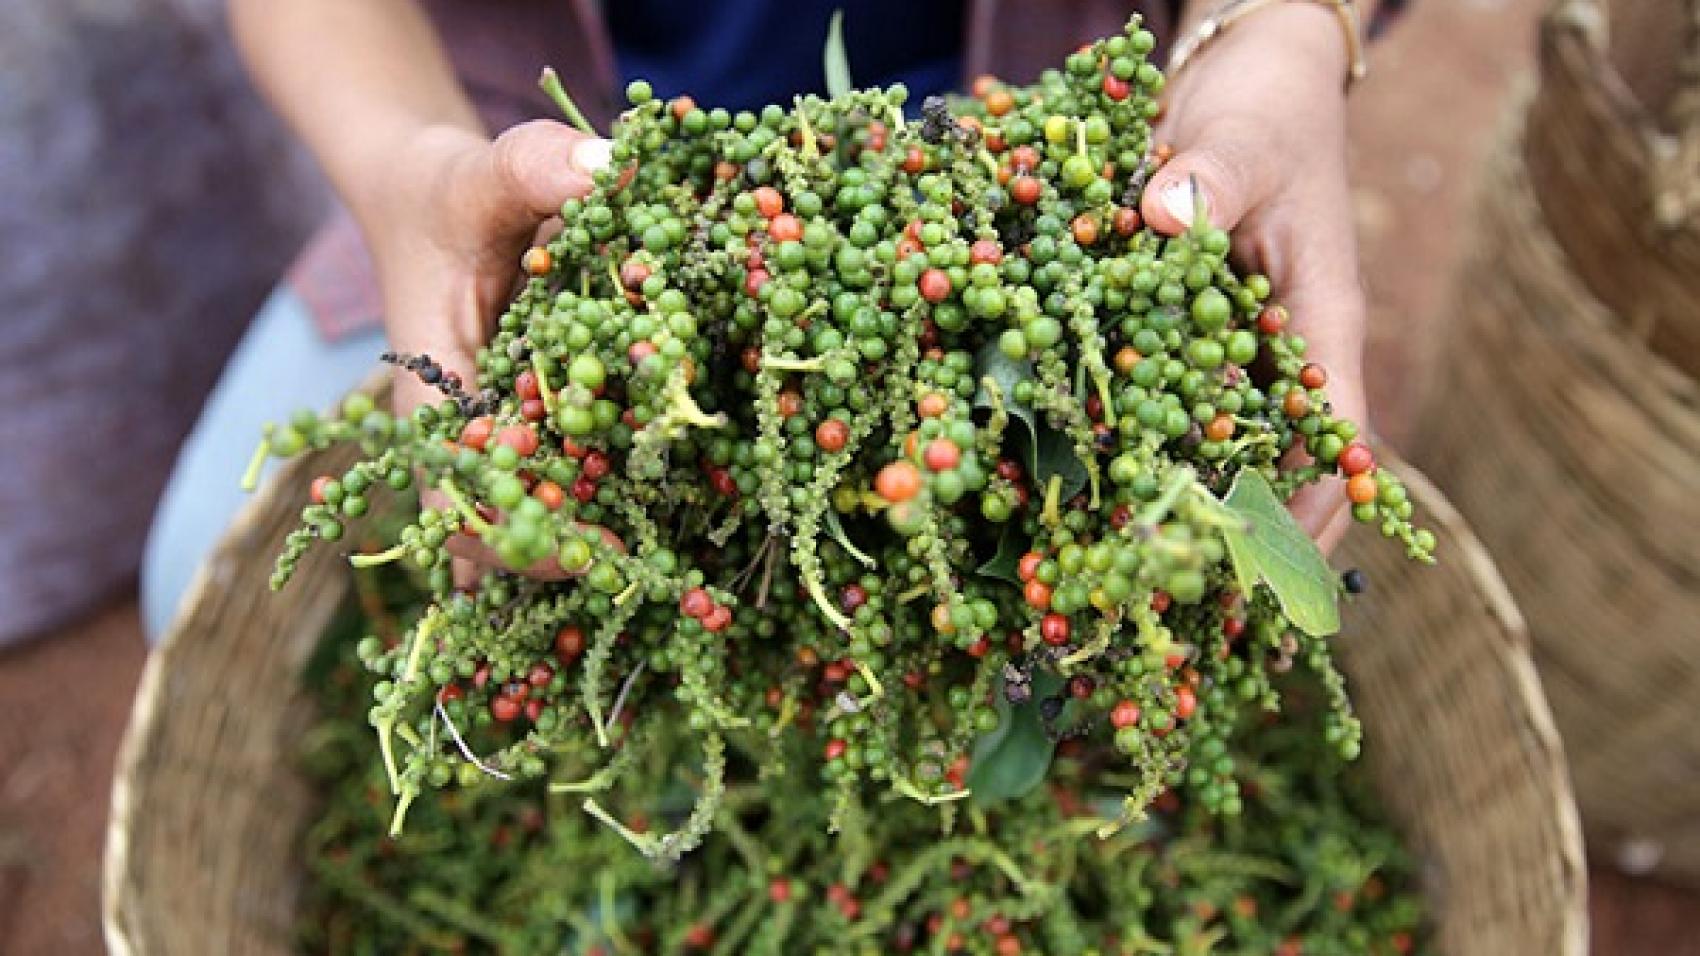 kampot pepper cambodia